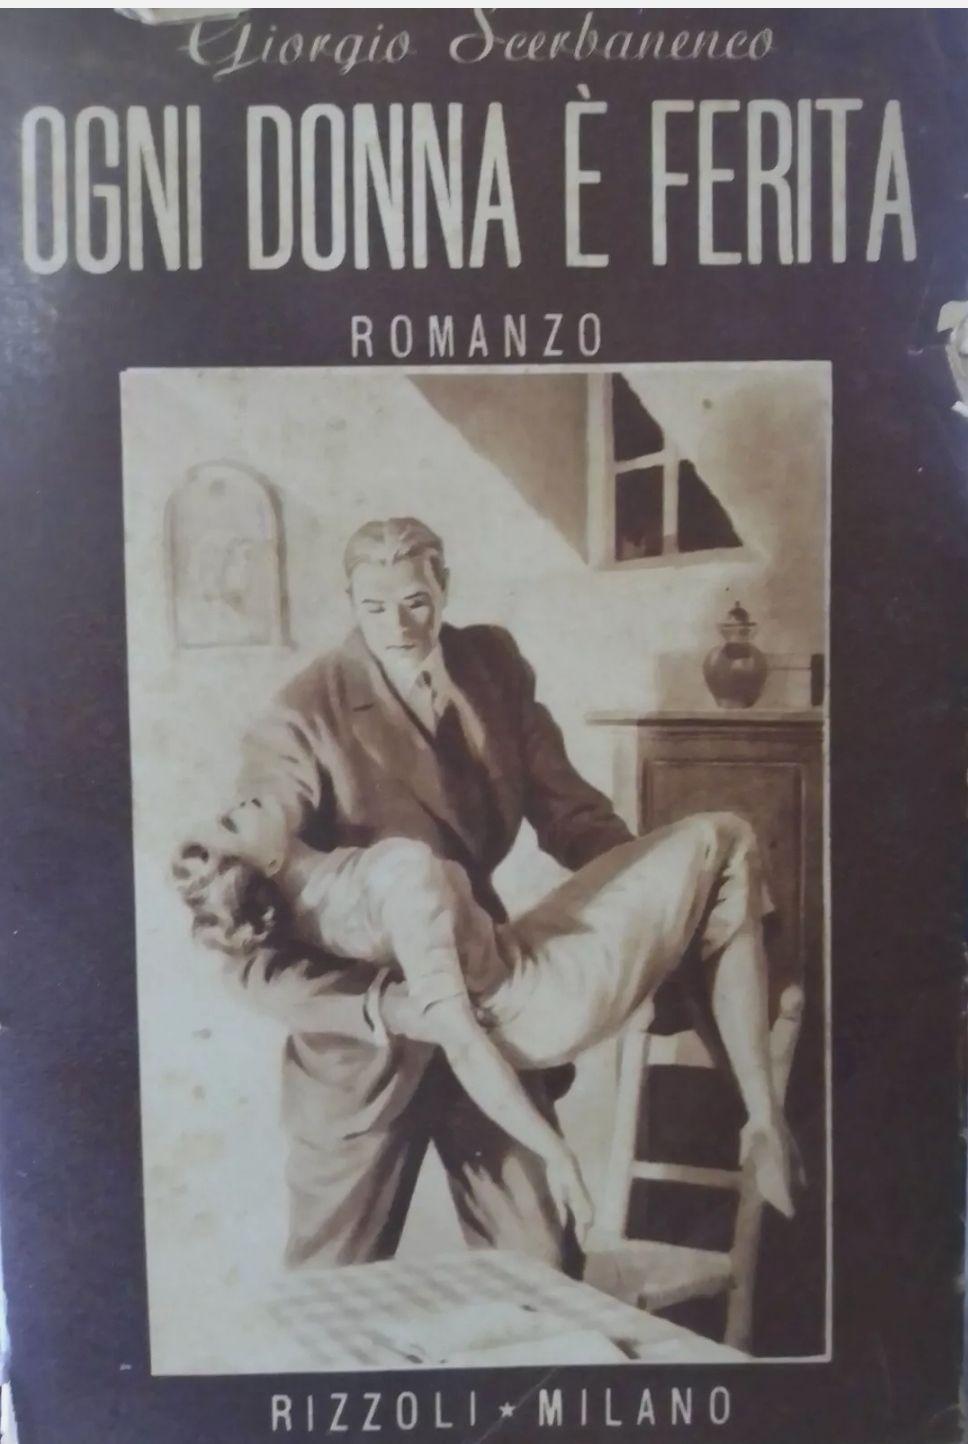 Scerbanenco Ogni donna è ferita prima edizione 1947